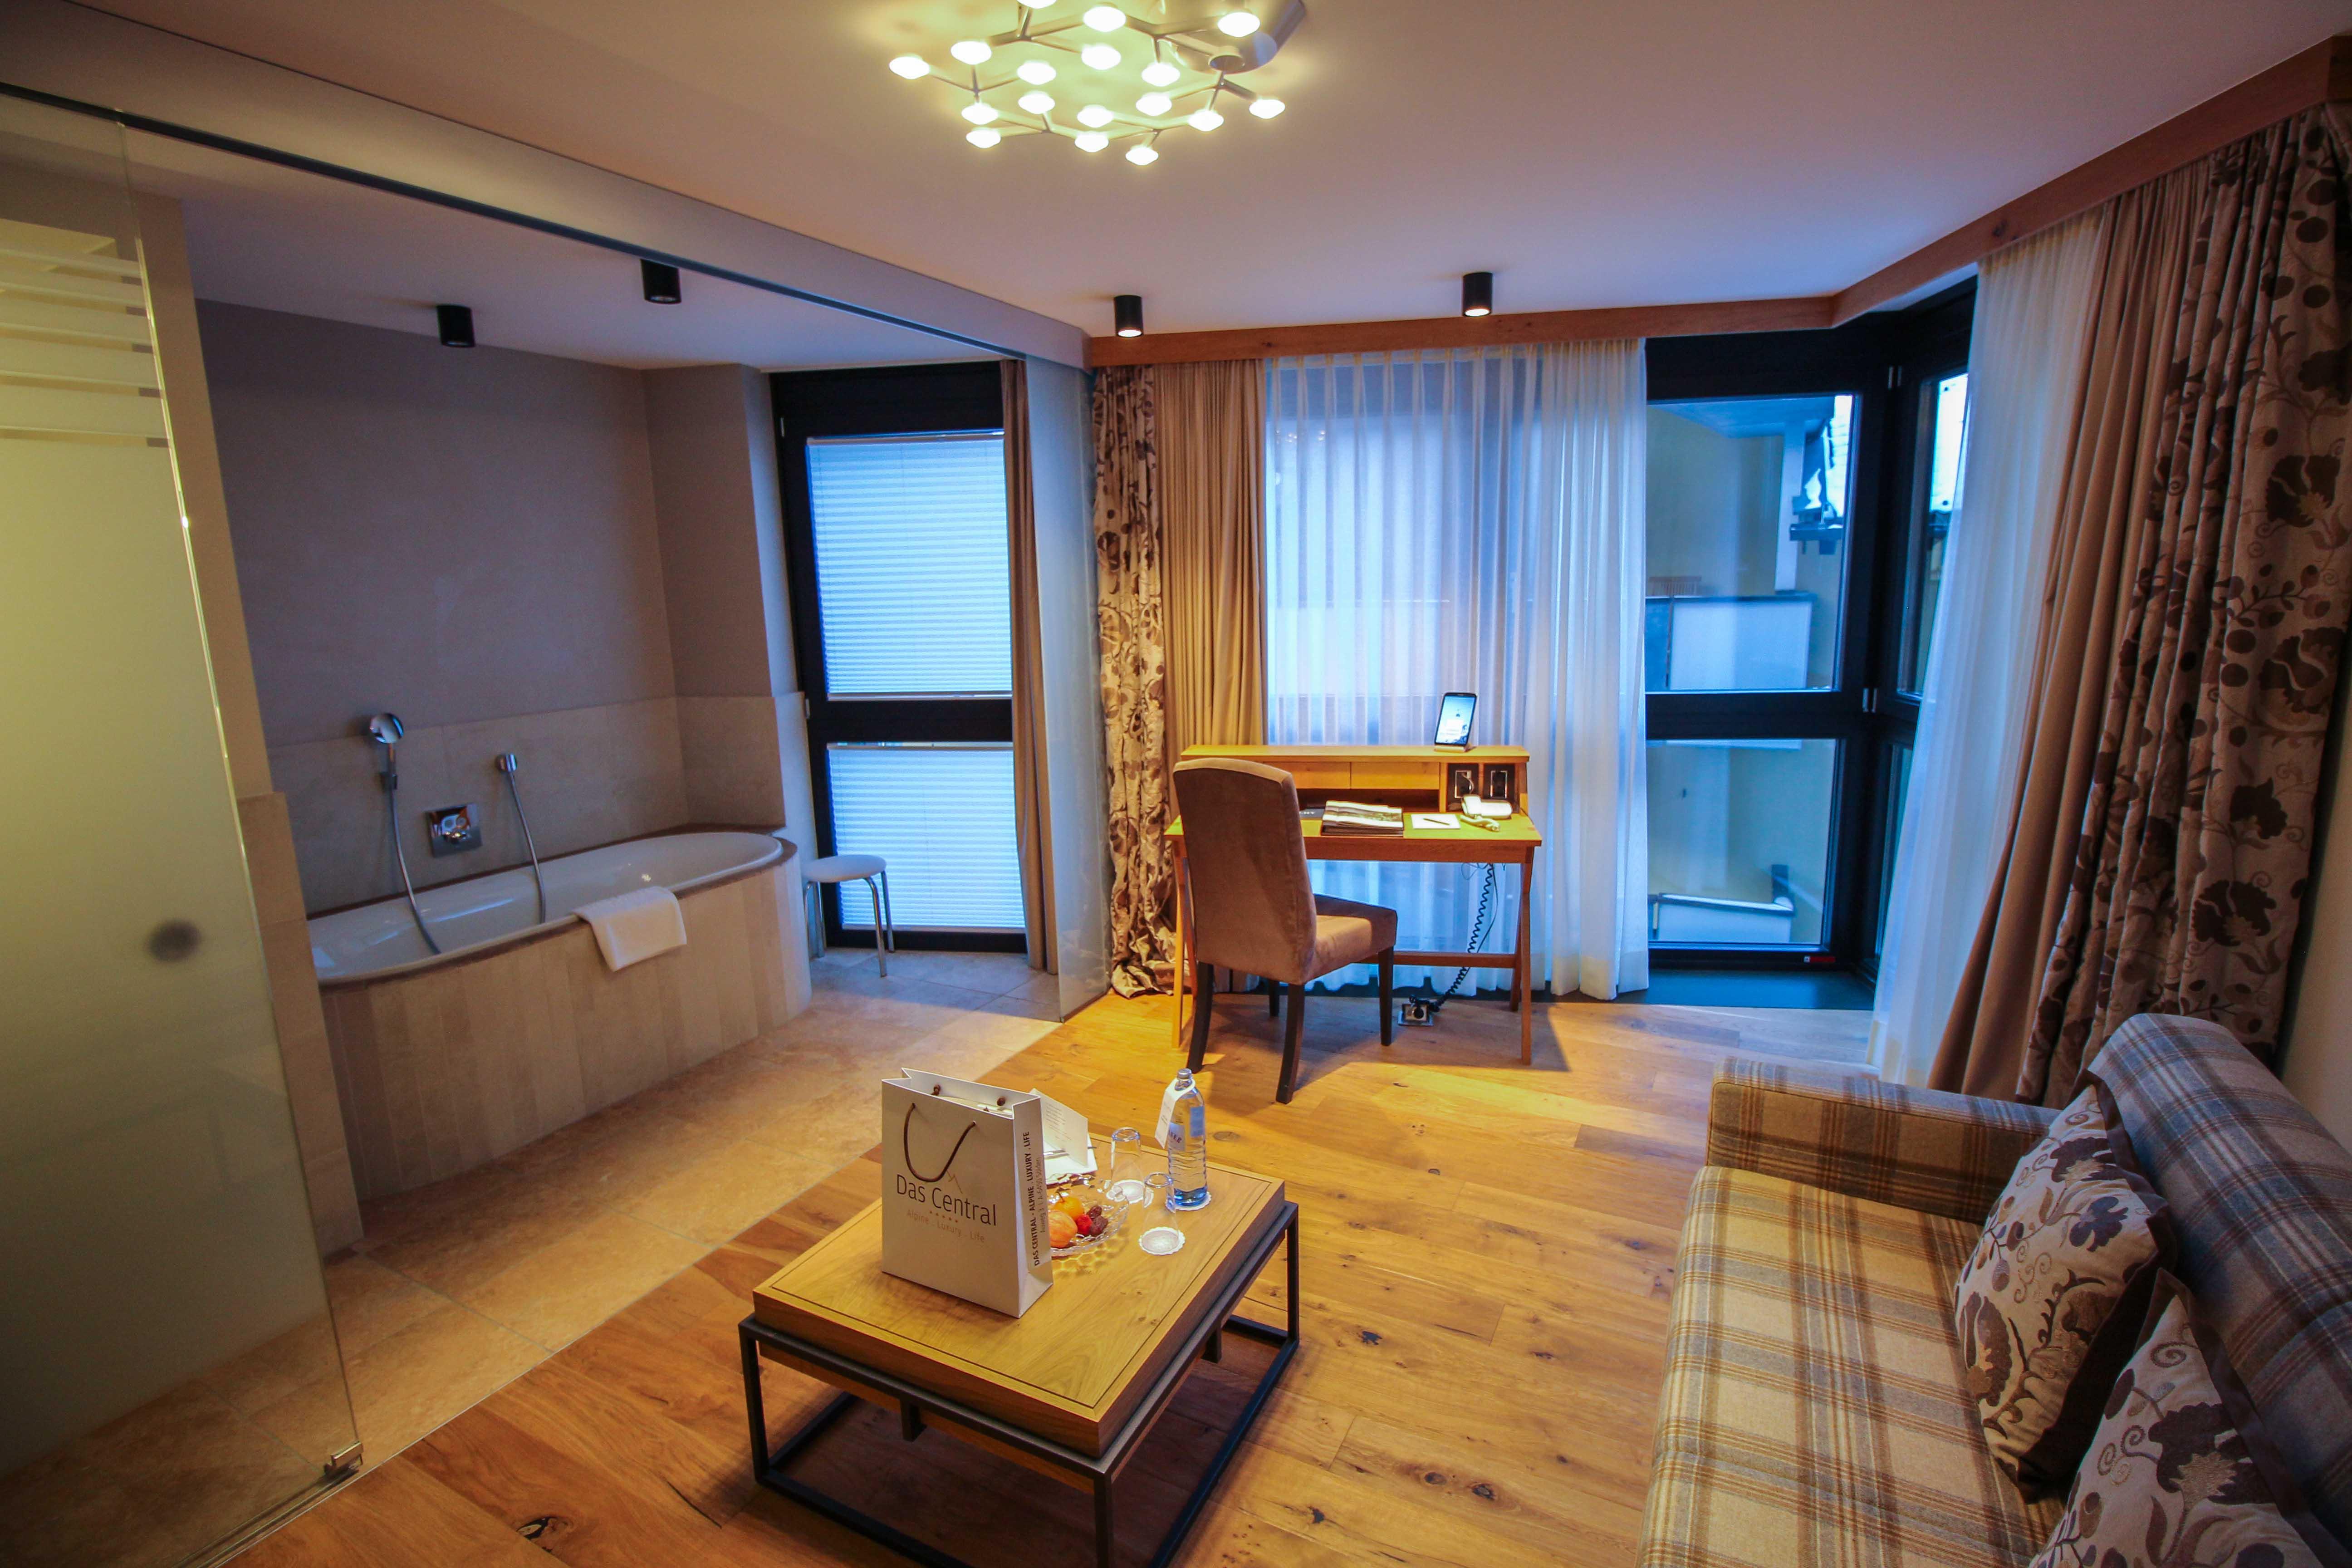 Das Central Sölden 5-Sterne Wellnesshotel Luxushotel Sölden Tirol Österreich Doppelzimmer Reiseblog Schreibtisch offenes Badezimmer